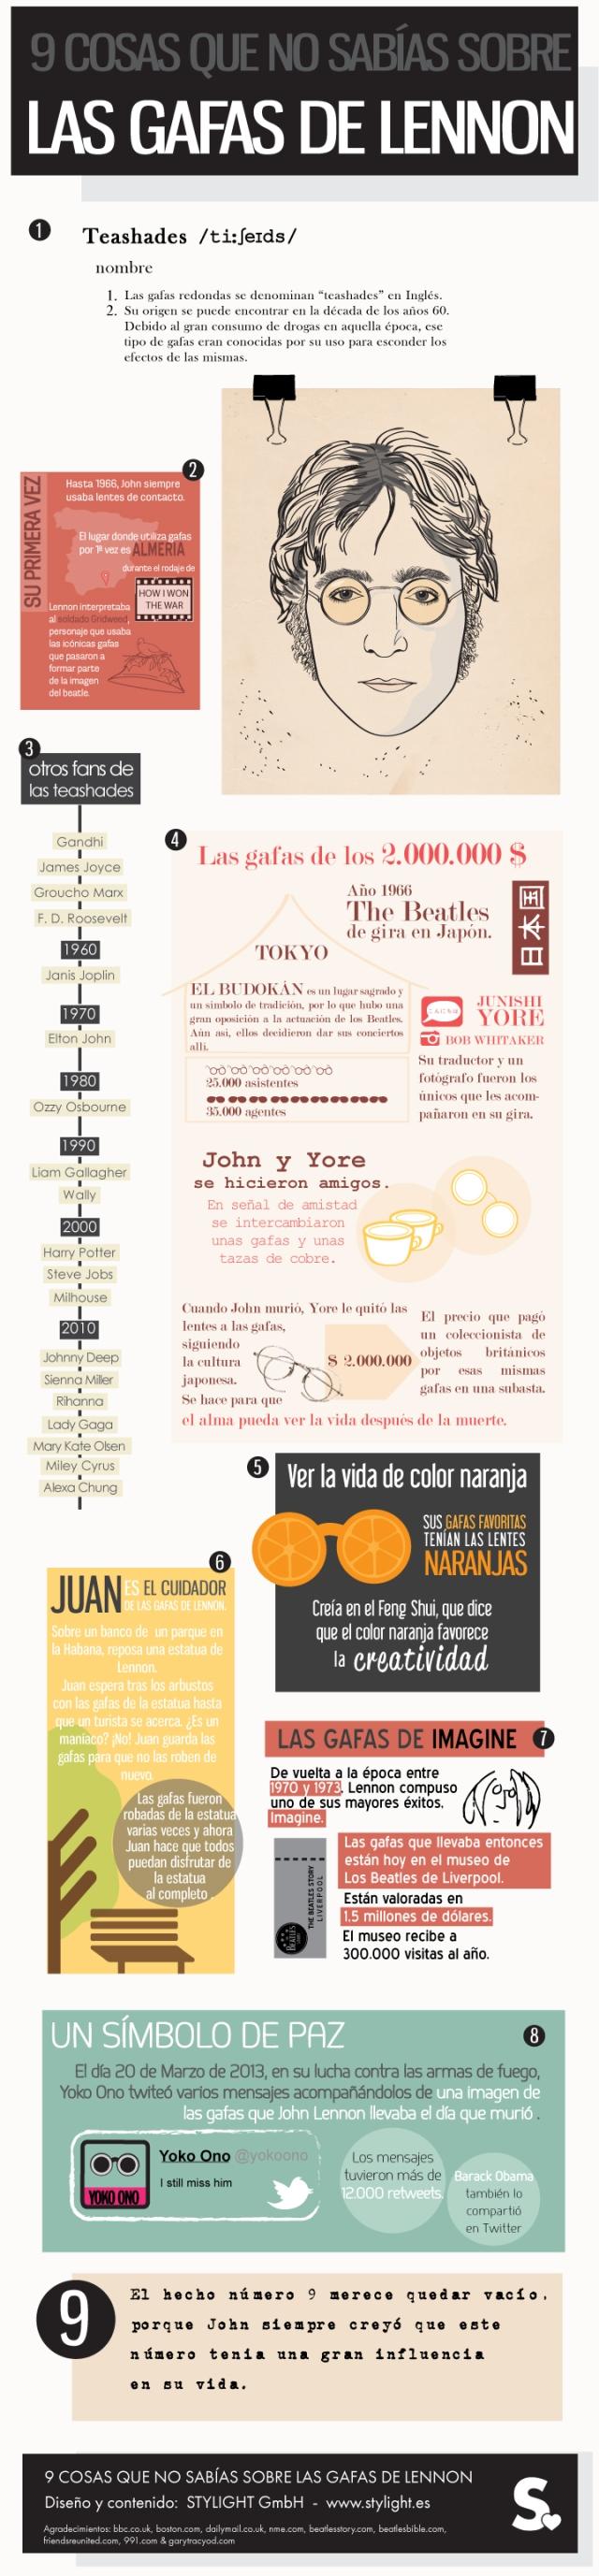 9 cosas que no sabías sobre las gafas de Lennon